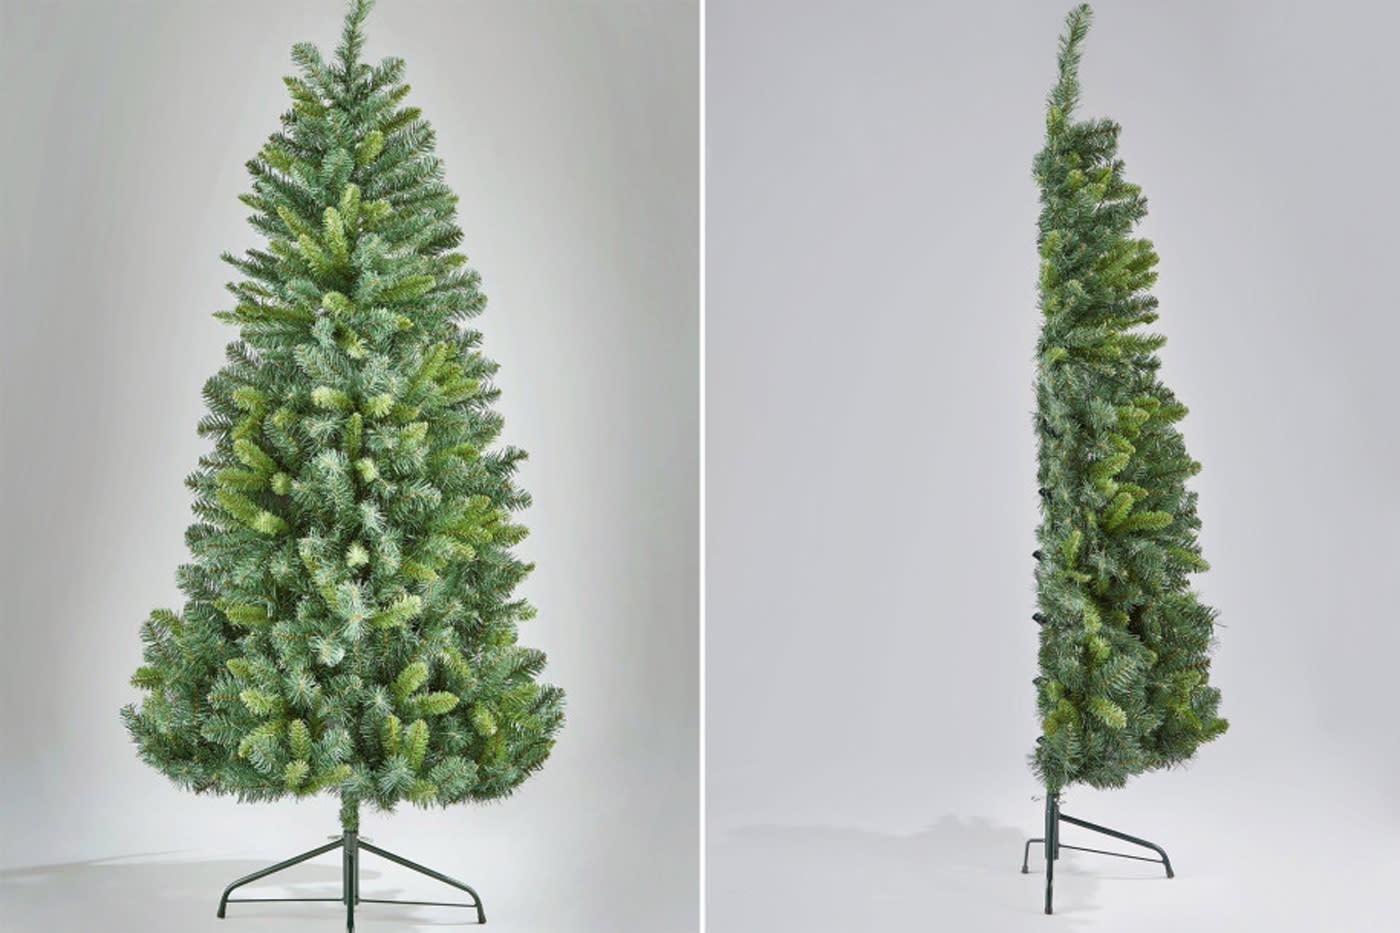 No Tienes Espacio Para El Arbol De Navidad Esta Es Tu Solucion En navidad, la alegría de los niños se respira en el aire. espacio para el arbol de navidad